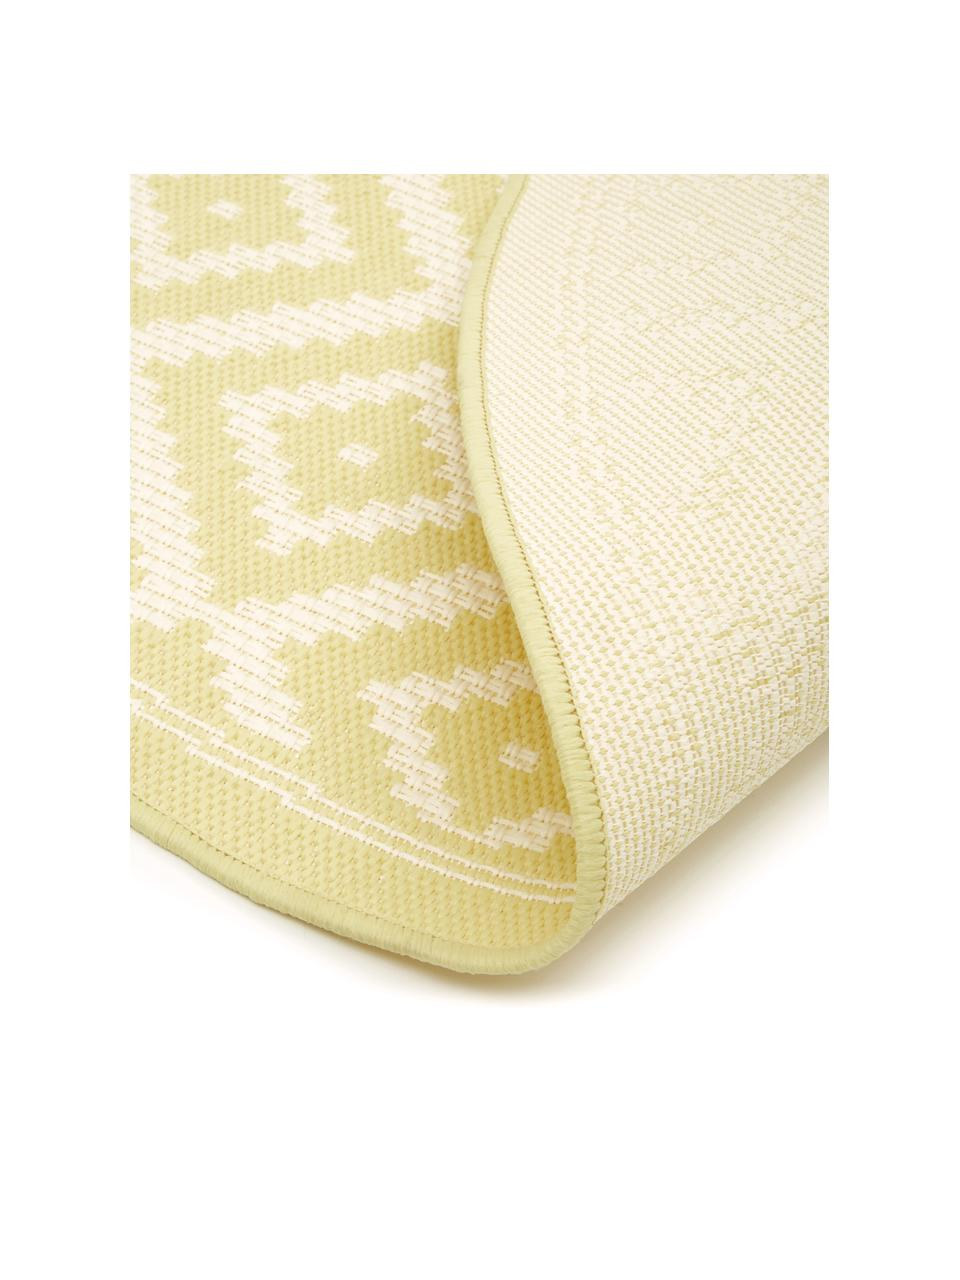 Gemusterter In- & Outdoor-Teppich Miami in Gelb/Weiß, 86% Polypropylen, 14% Polyester, Weiß, Gelb, Ø 200 cm (Größe L)